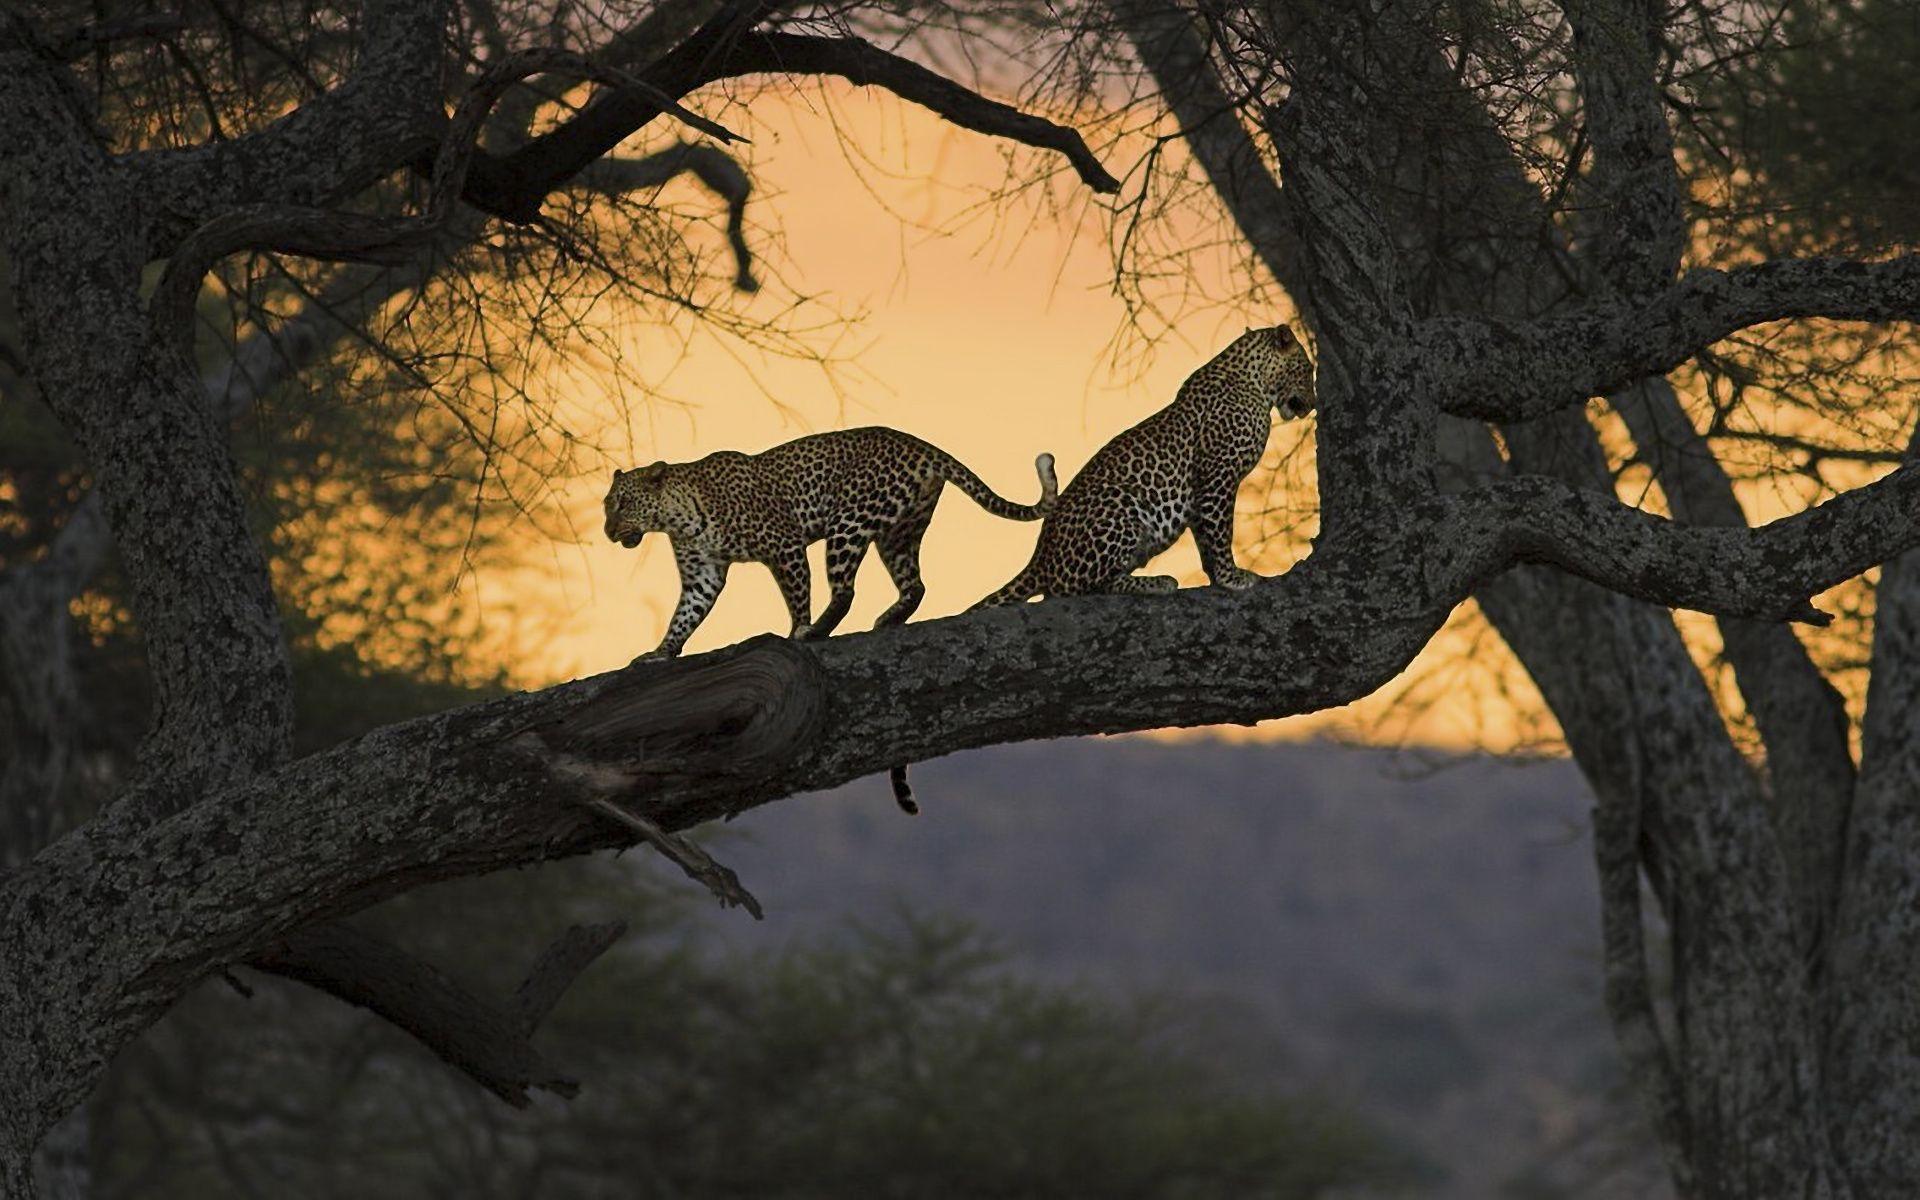 Leopardos (Panthera Pardus)  sobre una rama al atardecer en Kenia.